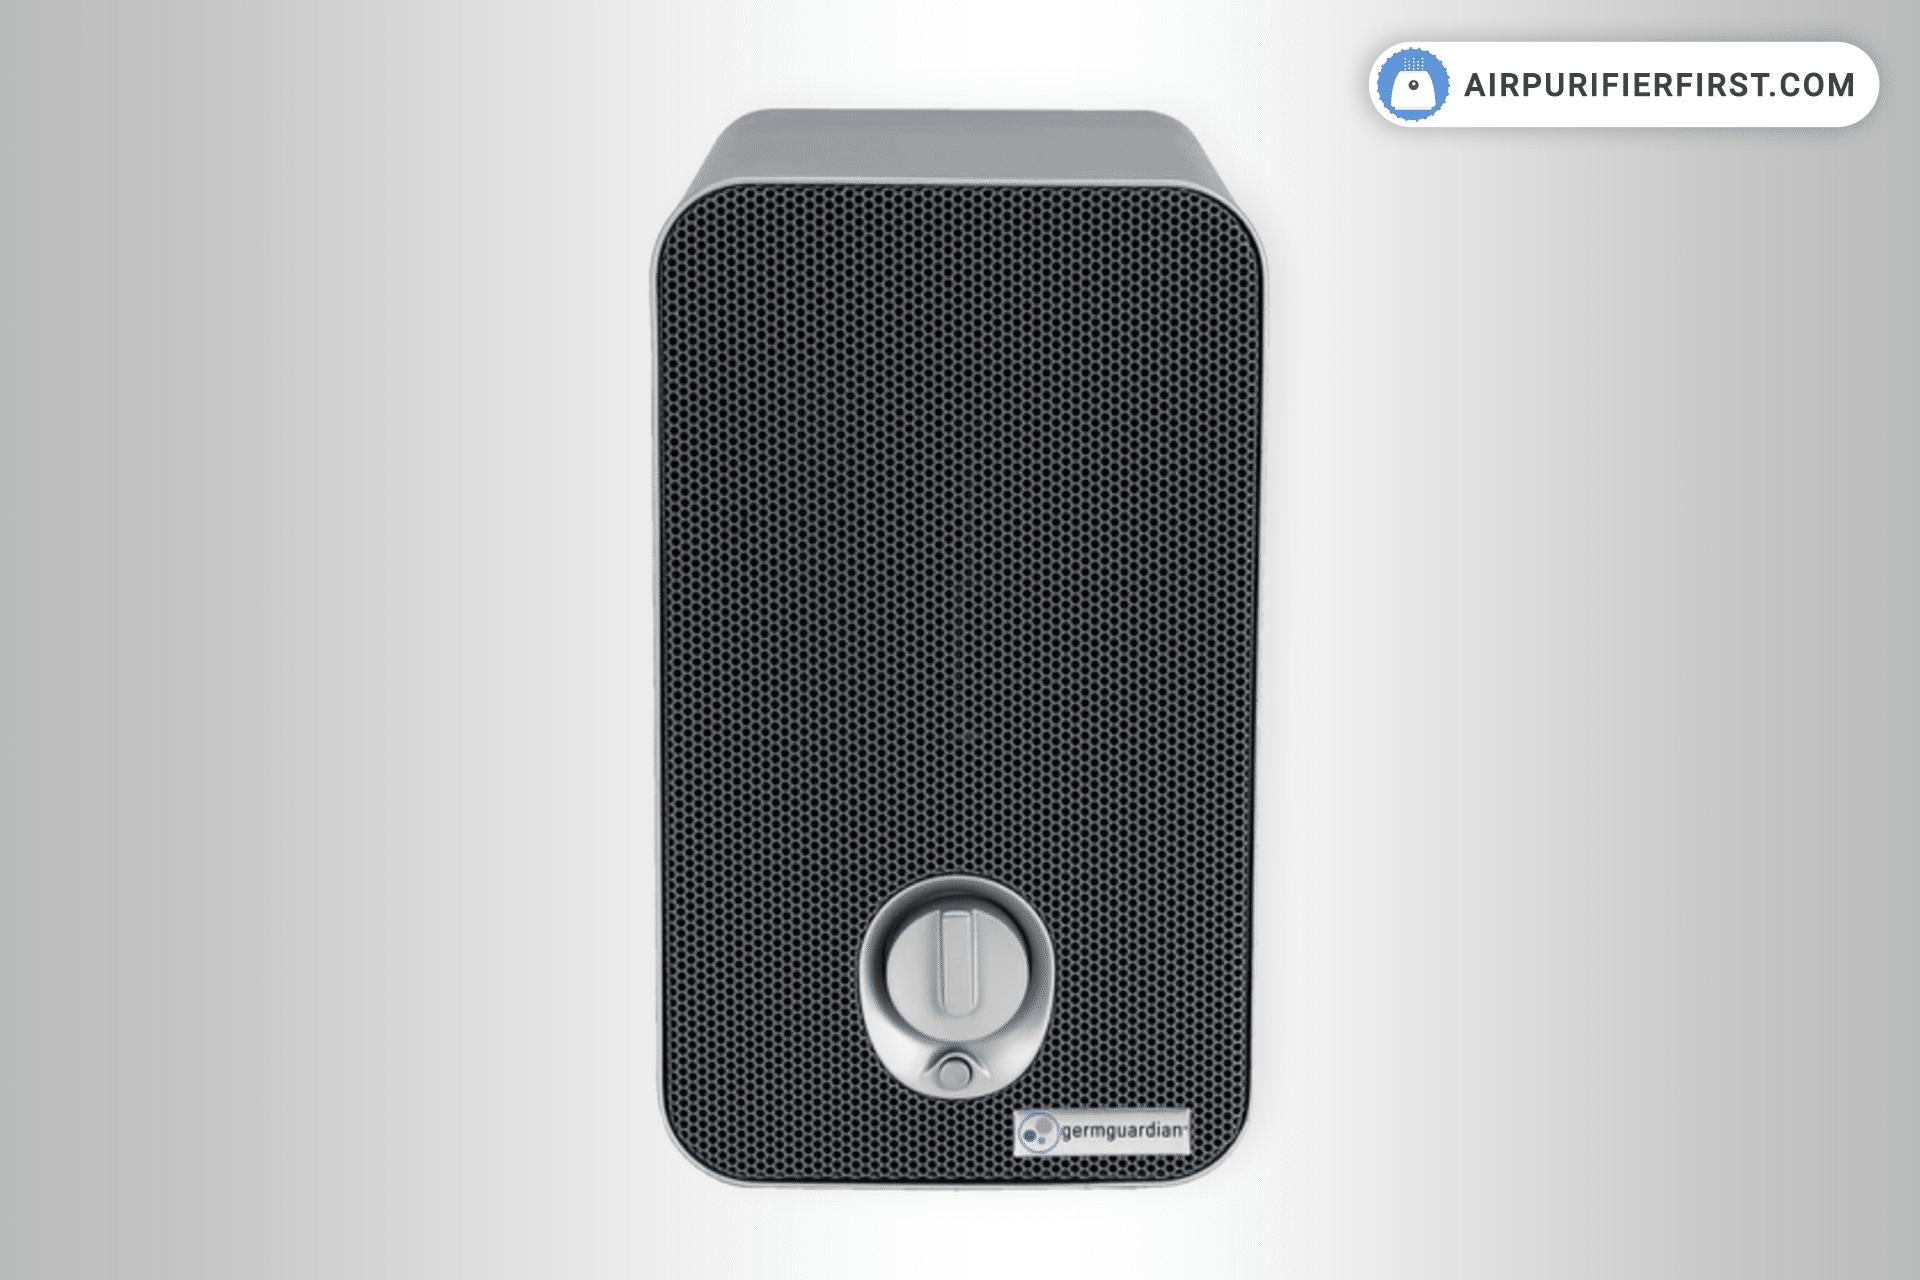 GermGuardian AC4100 Air Purifier - Best Desktop Air Purifiers